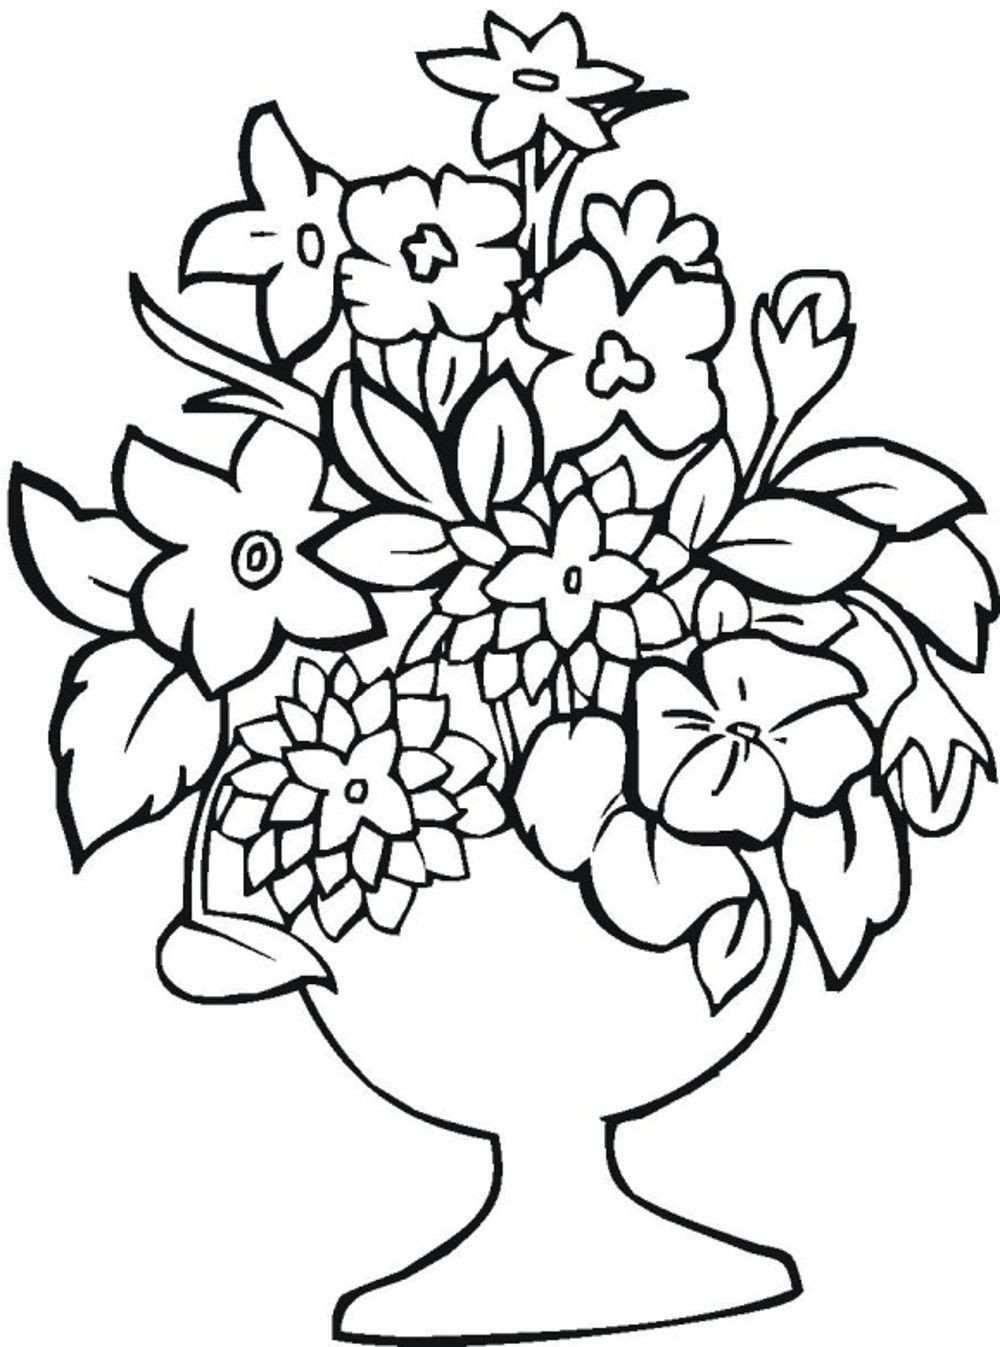 Tranh tô màu lọ hoa đẹp (2)